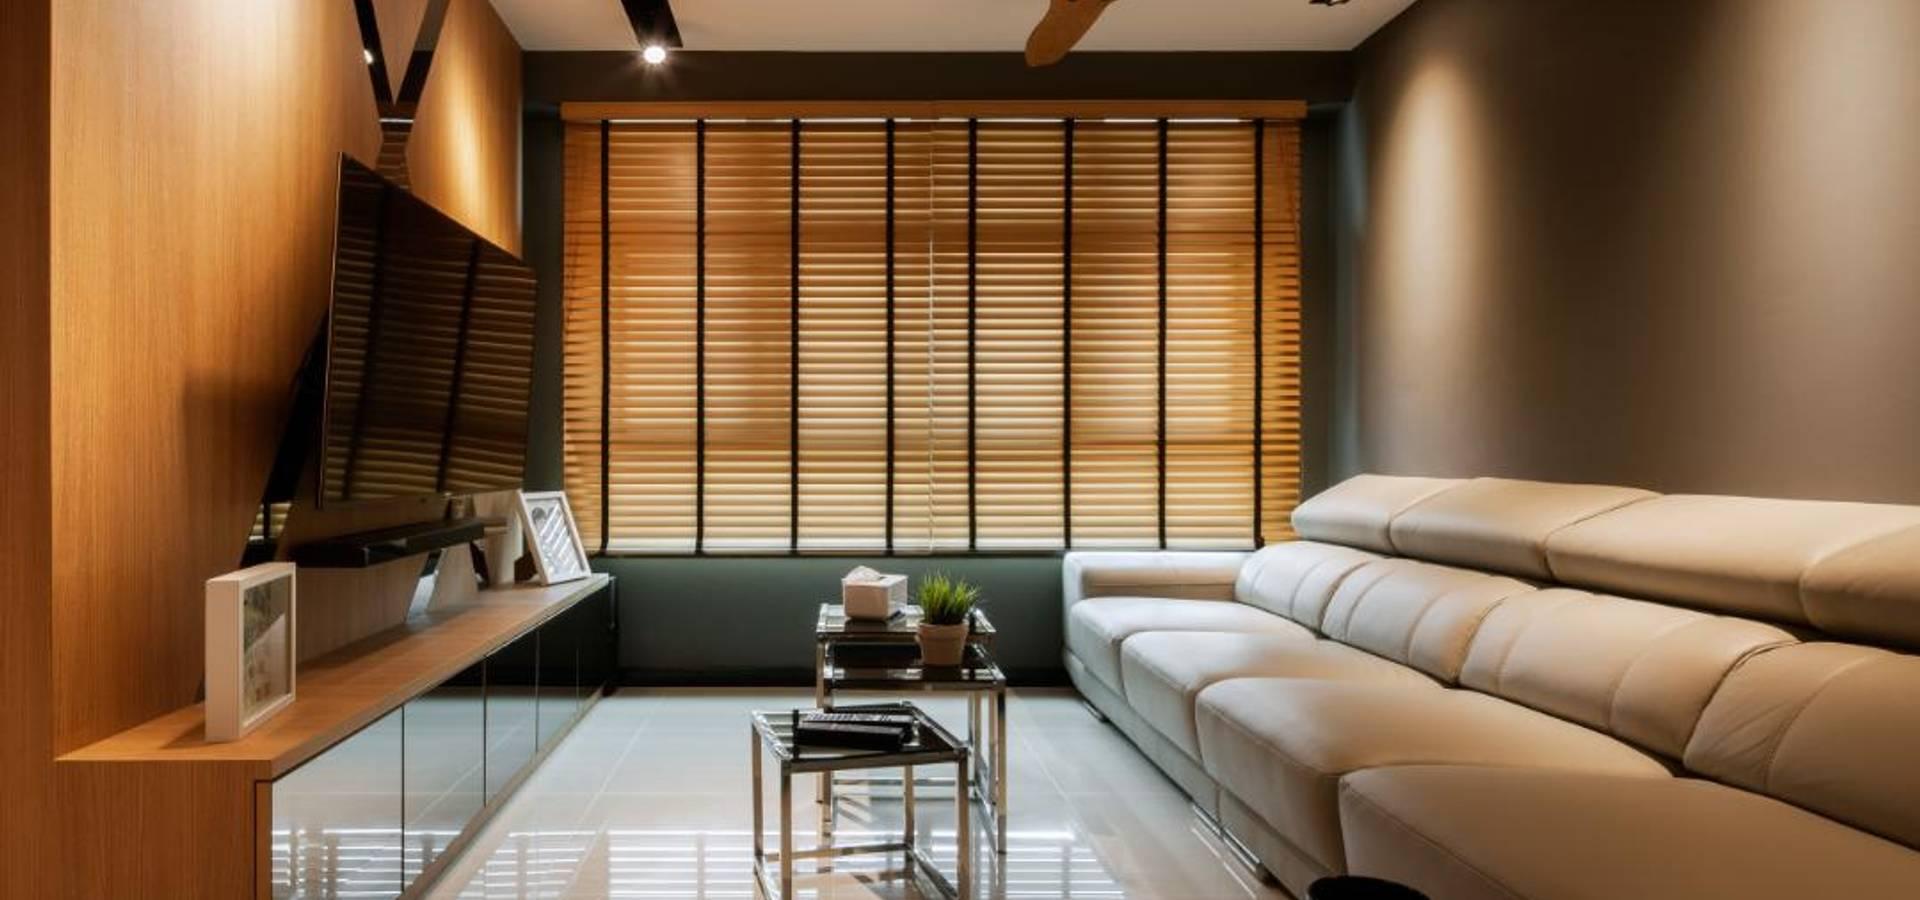 Posh Home Interior Design